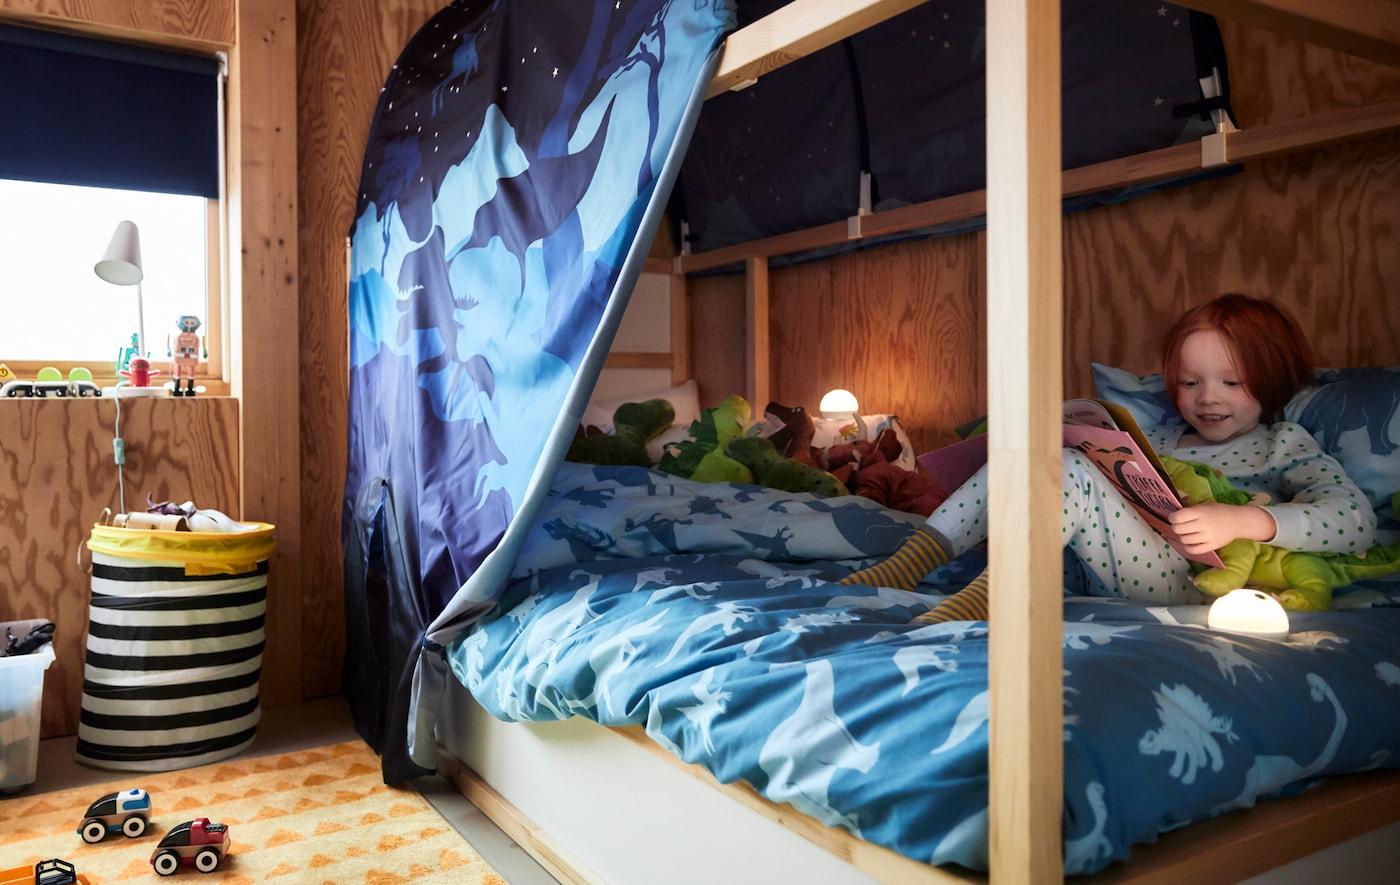 Ein Kind kuschelt in seinem unbaufähigen KURA Bett mit einem Stoff-Dinosaurier und liest in einem Bettzelt ein Bilderbuch.